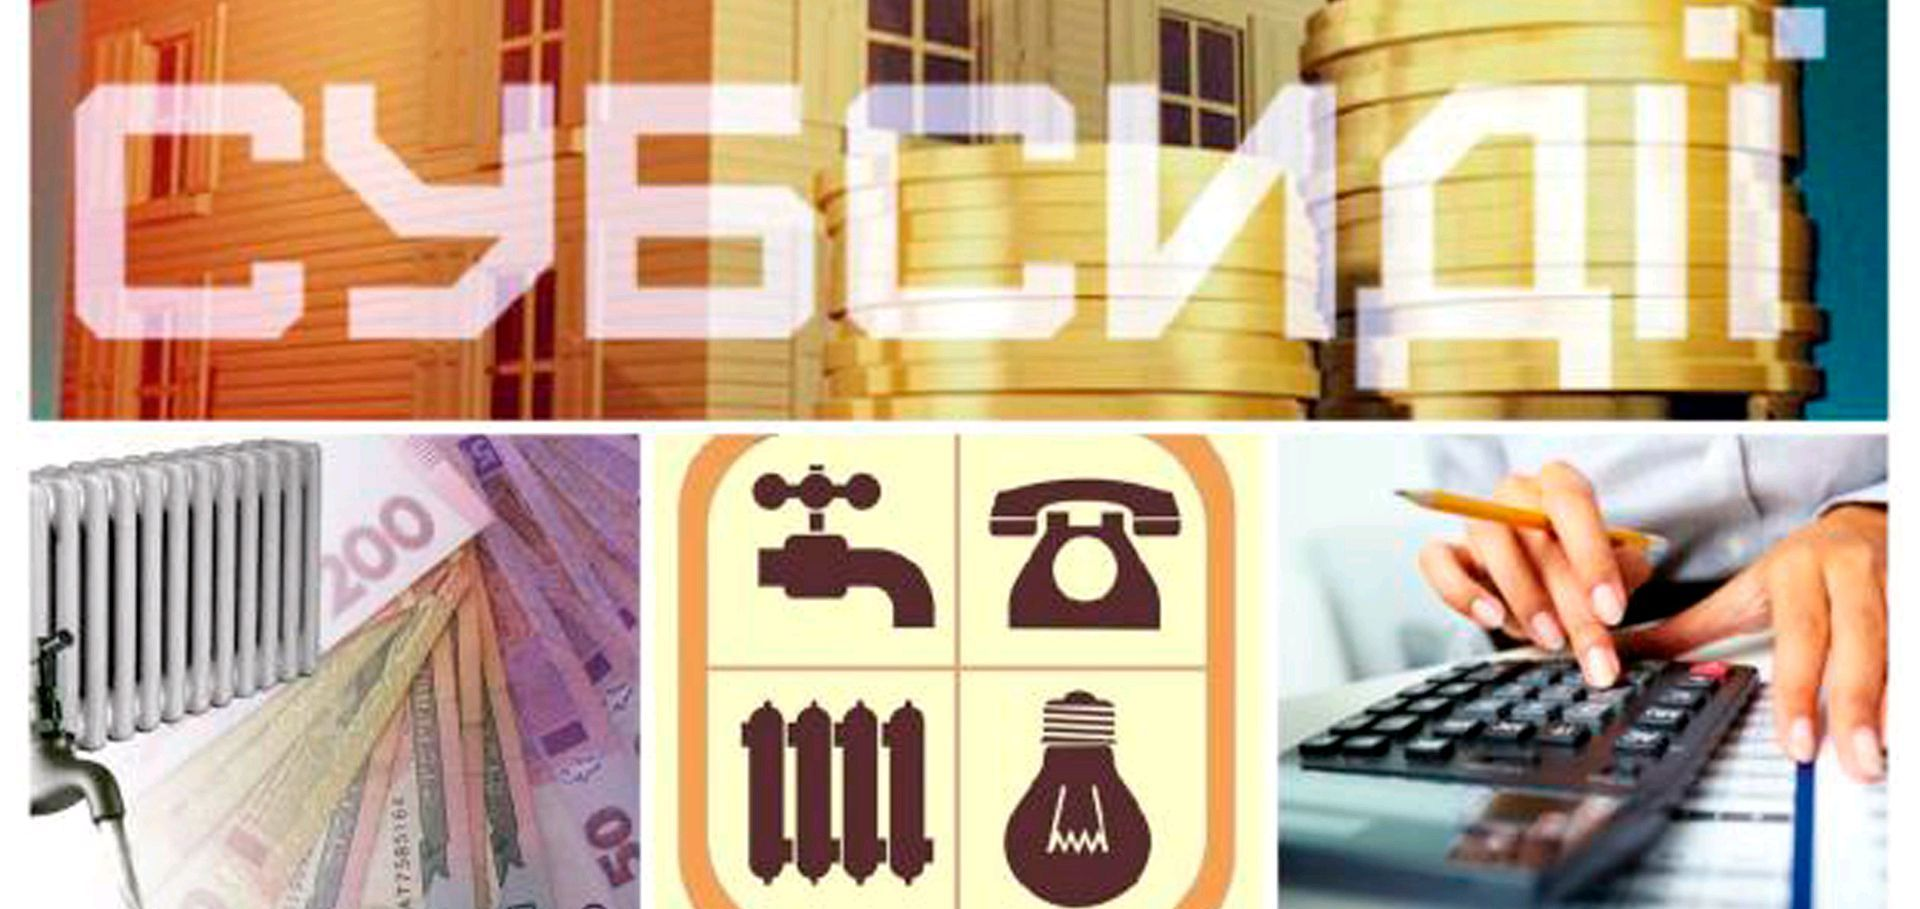 Близько 8 млн грн монетизованих пільг та субсидій виплатили у Дрогобичі за листопад